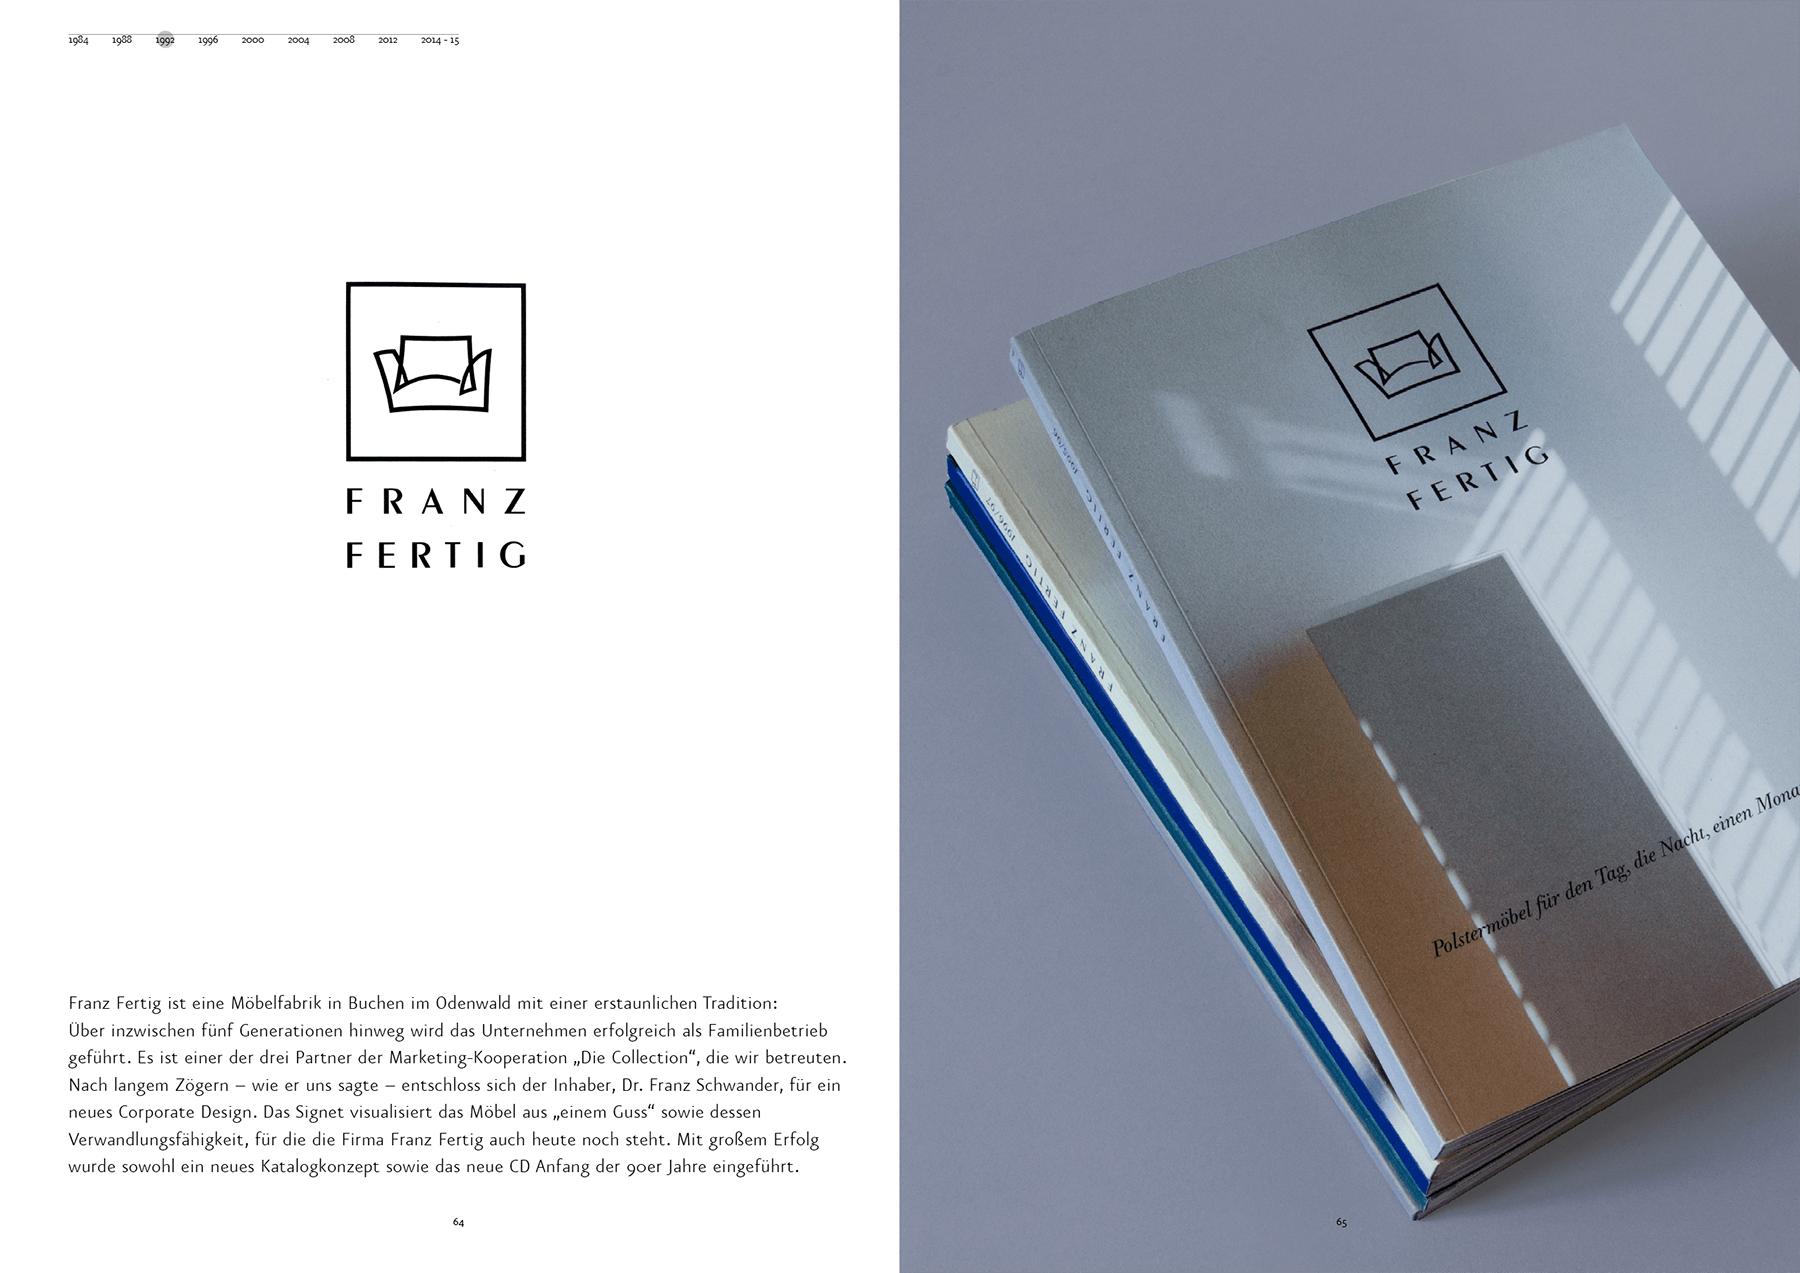 sabine-mescher-sichtung-designbilderbuch-corporate-design-franz-fertig-möbel-.png